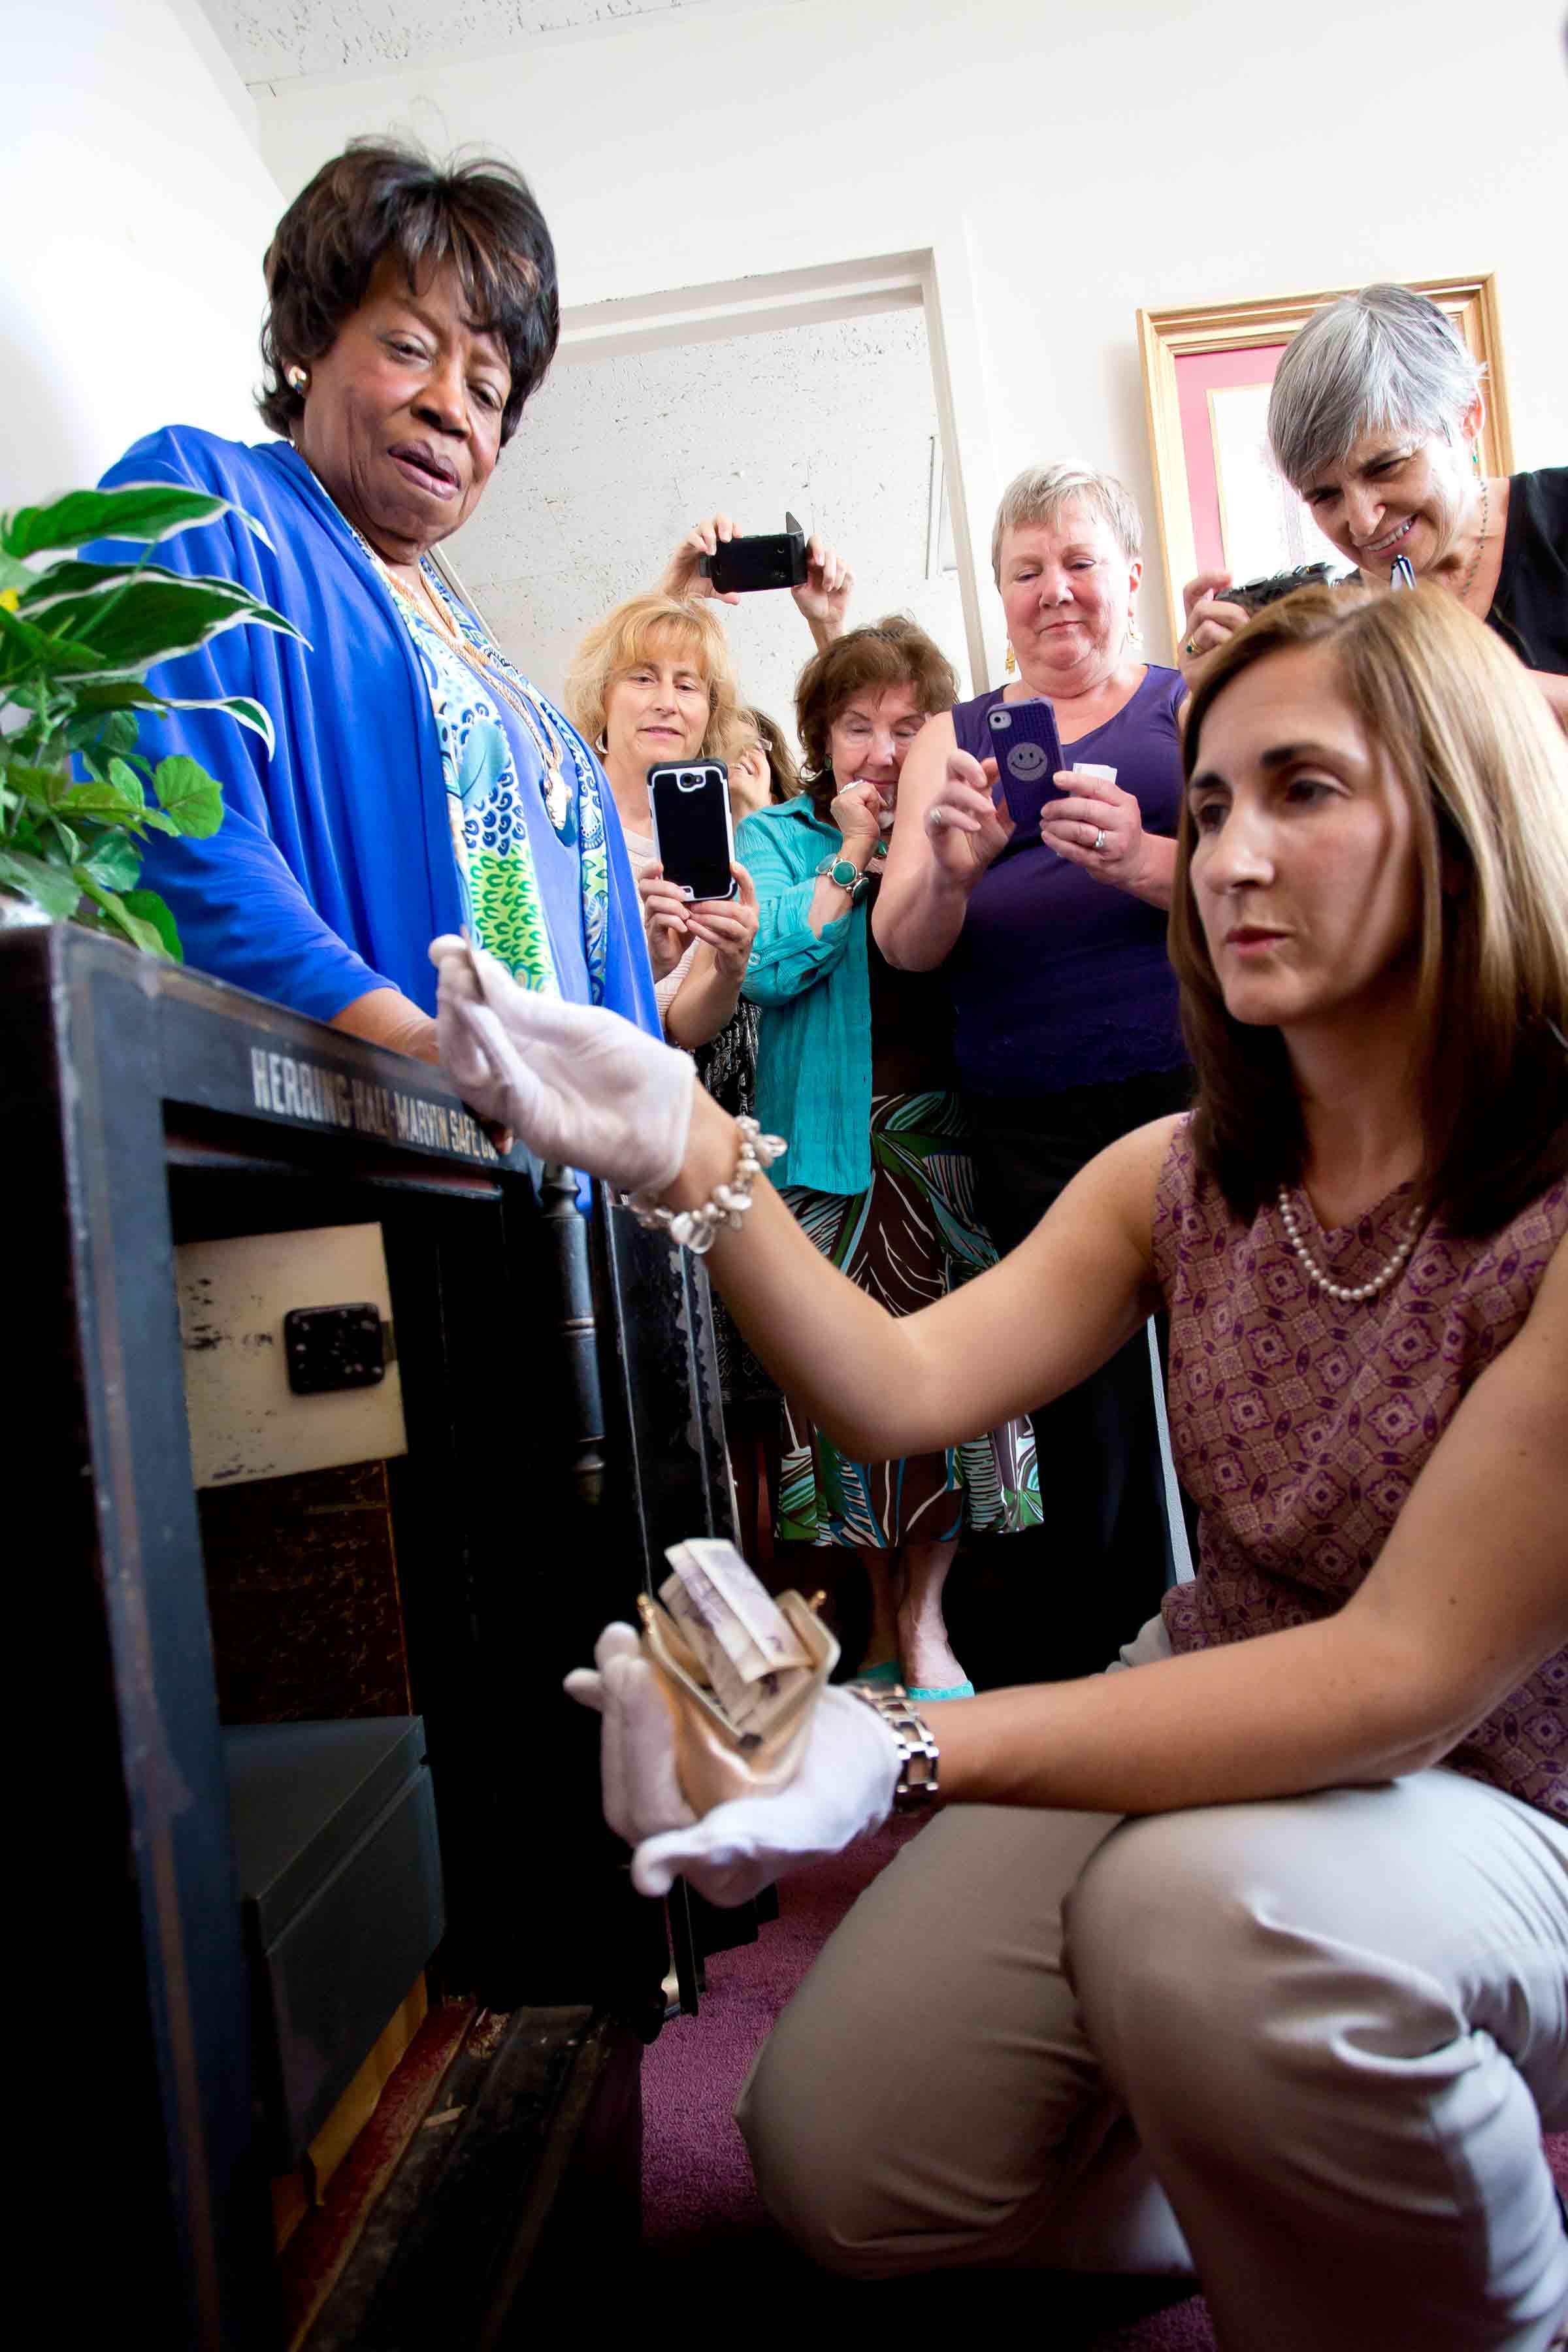 women seek watch kneel front